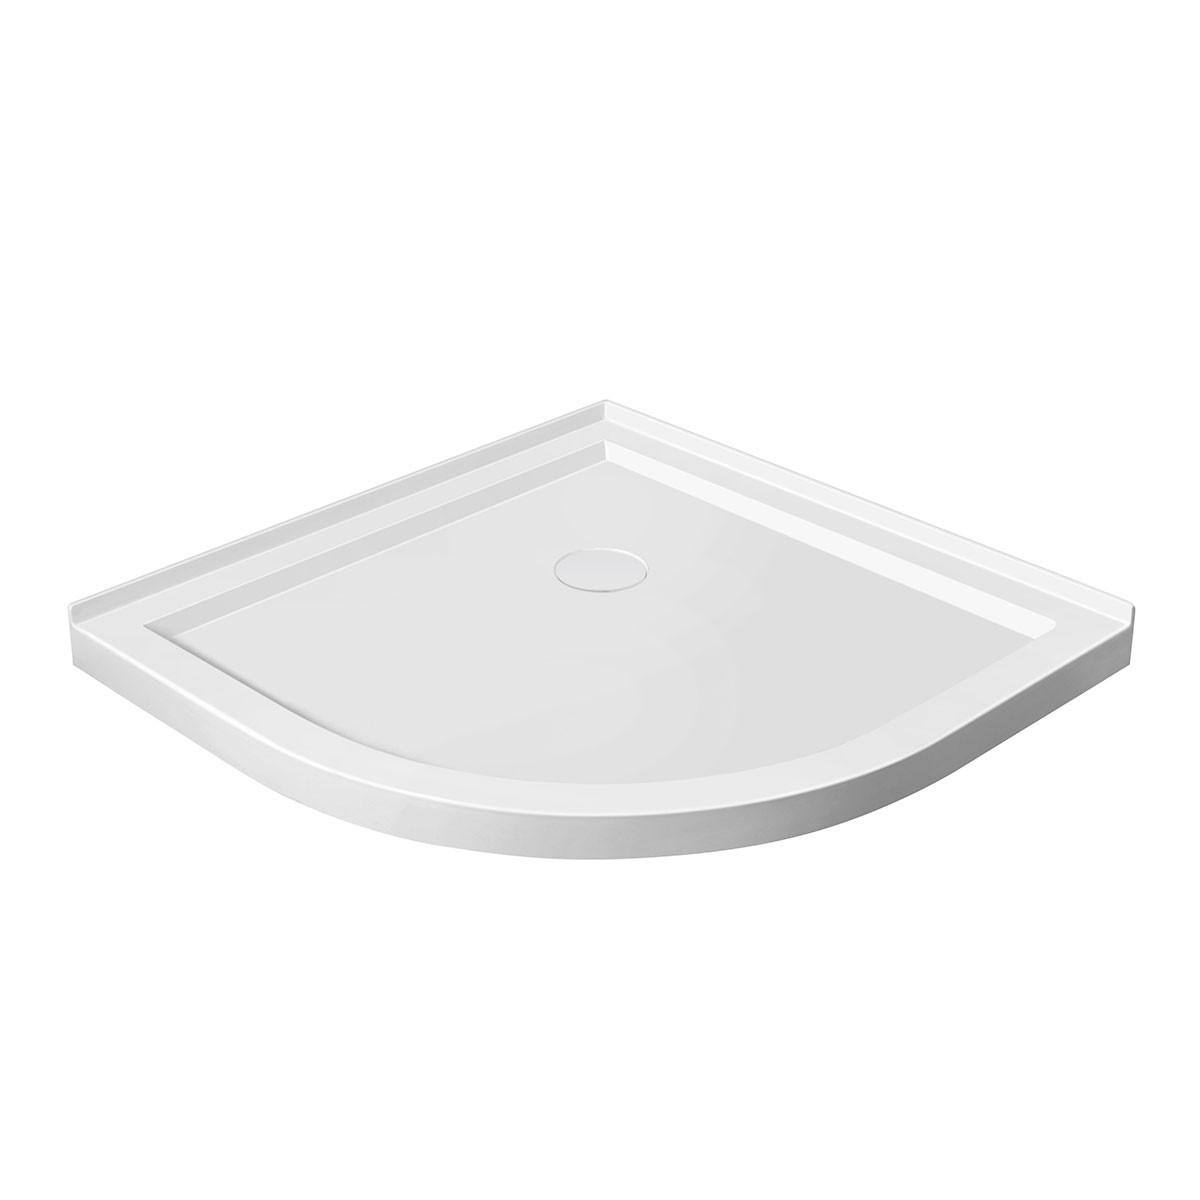 """Base de douche ronde 36"""" x 36"""" pour installation en coin (DK-STA-18006)"""